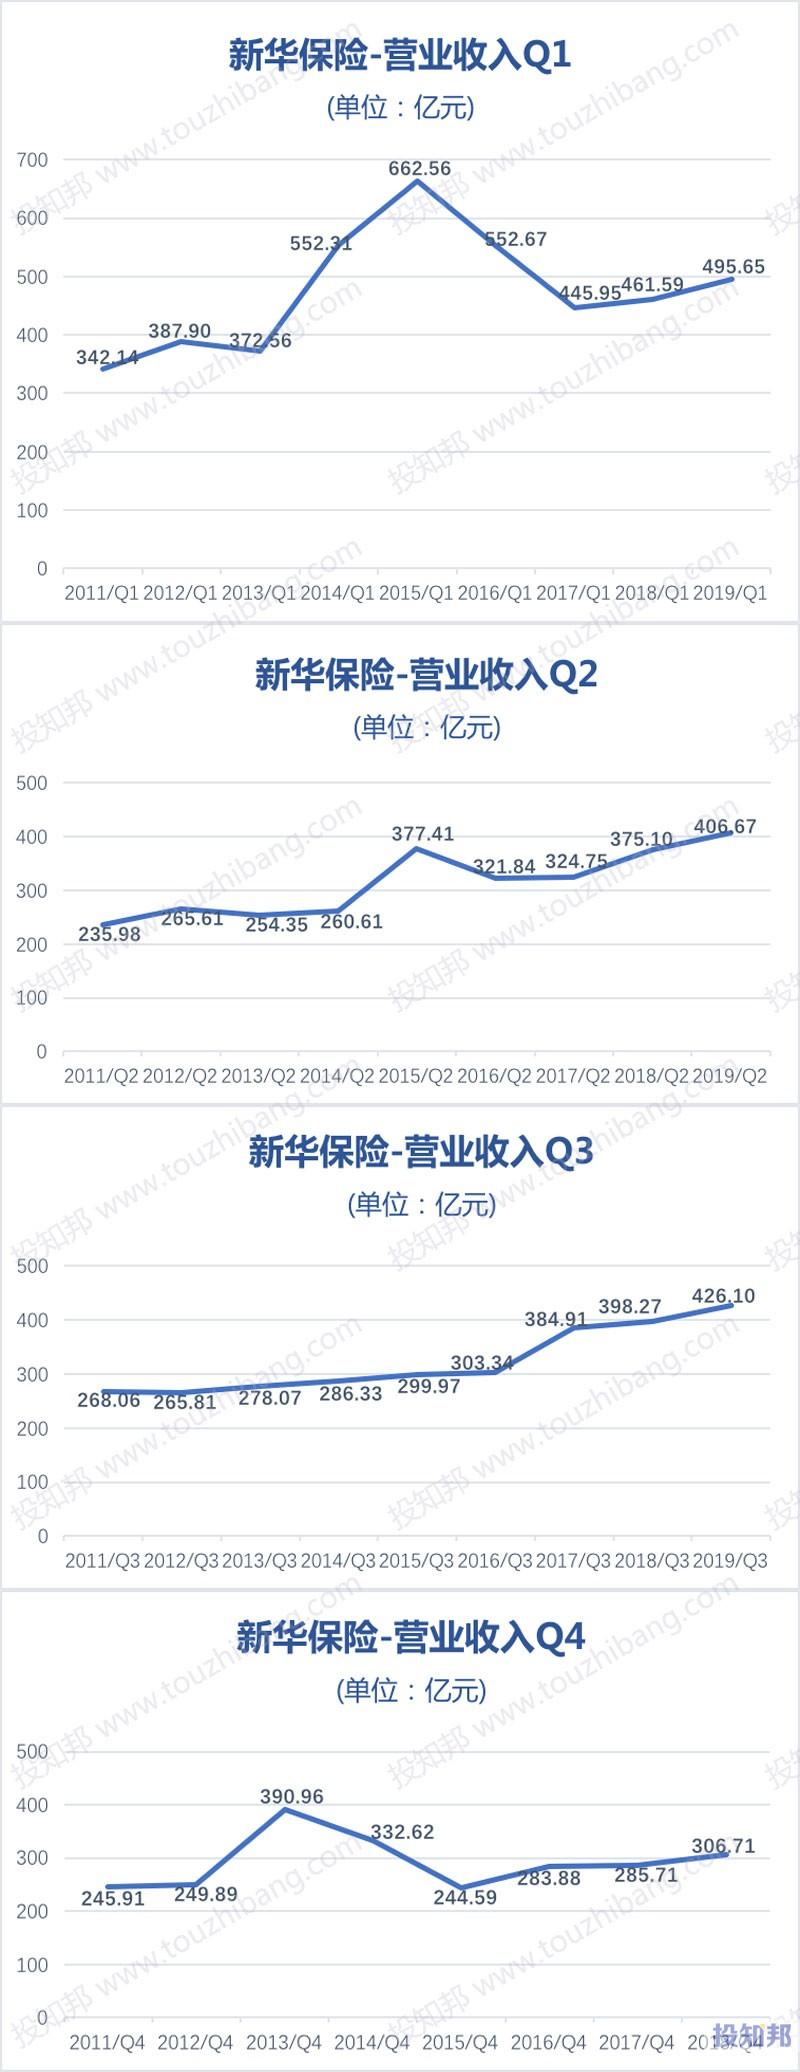 图解新华保险(601336)财报数据(2011年~2019年Q3)